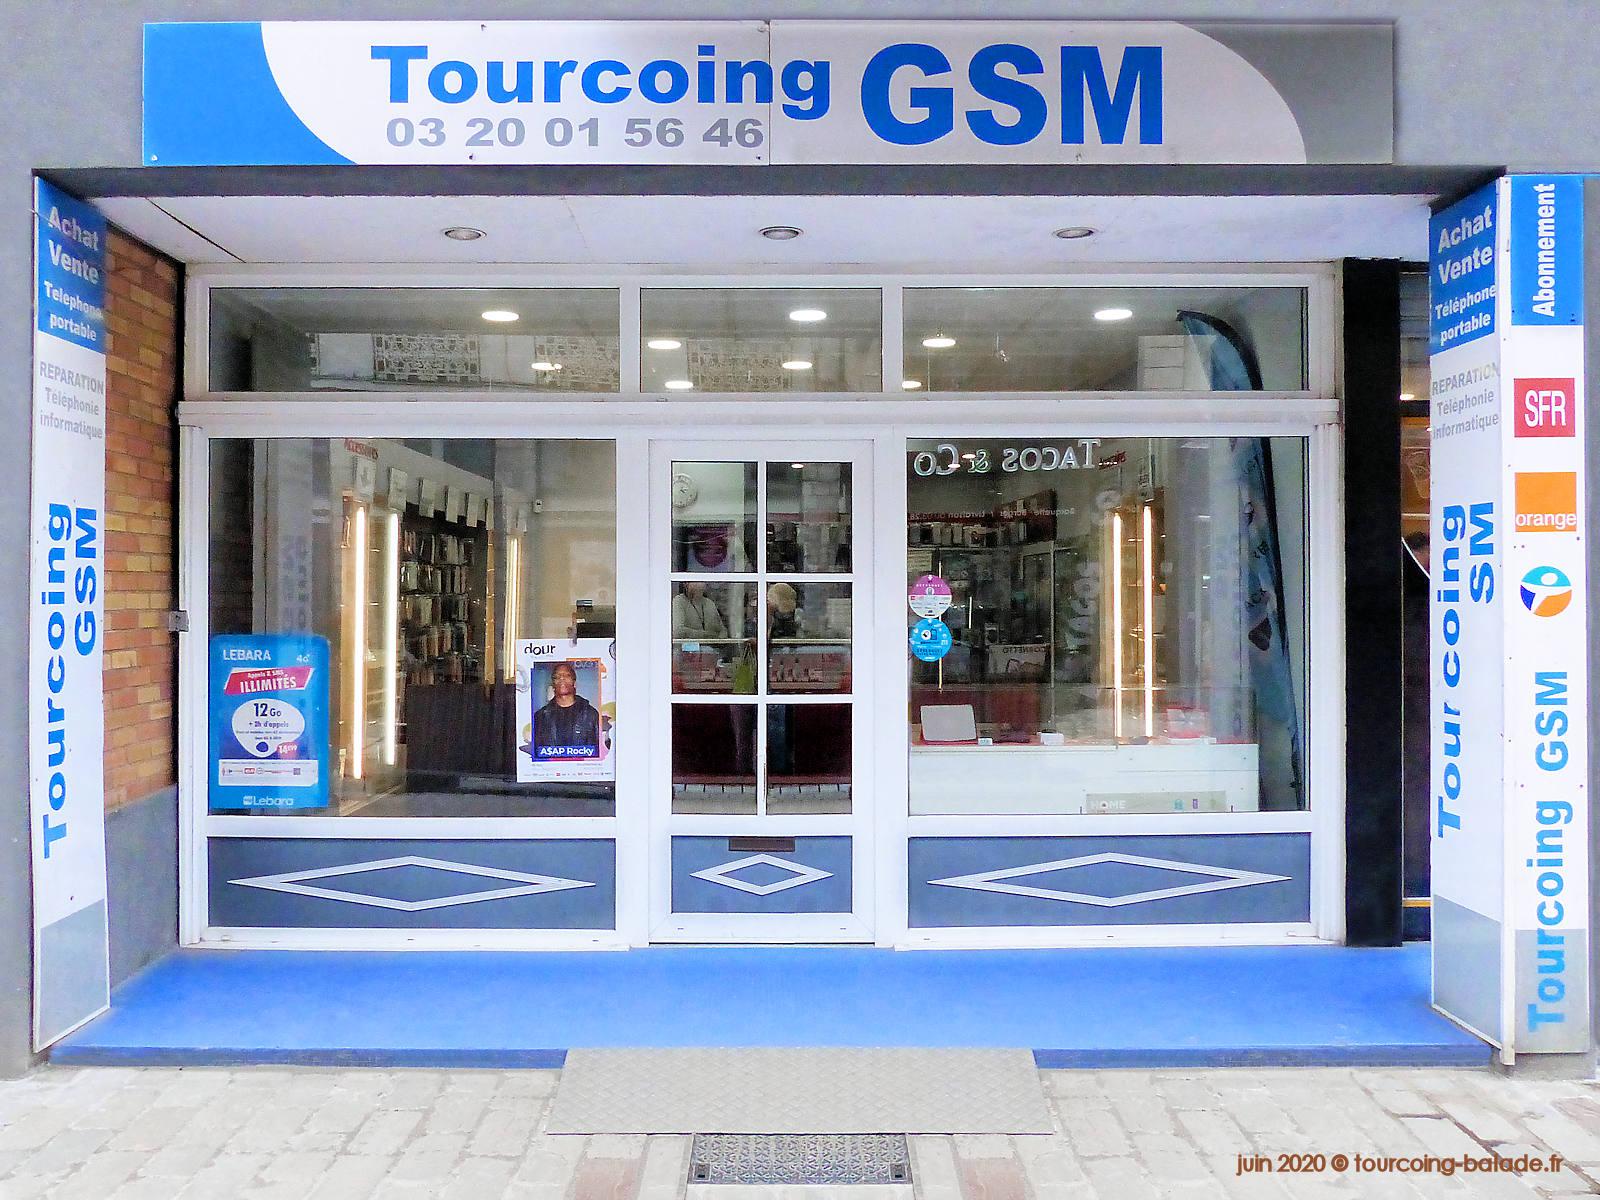 Tourcoing GSM Saint-Jacques, 2020